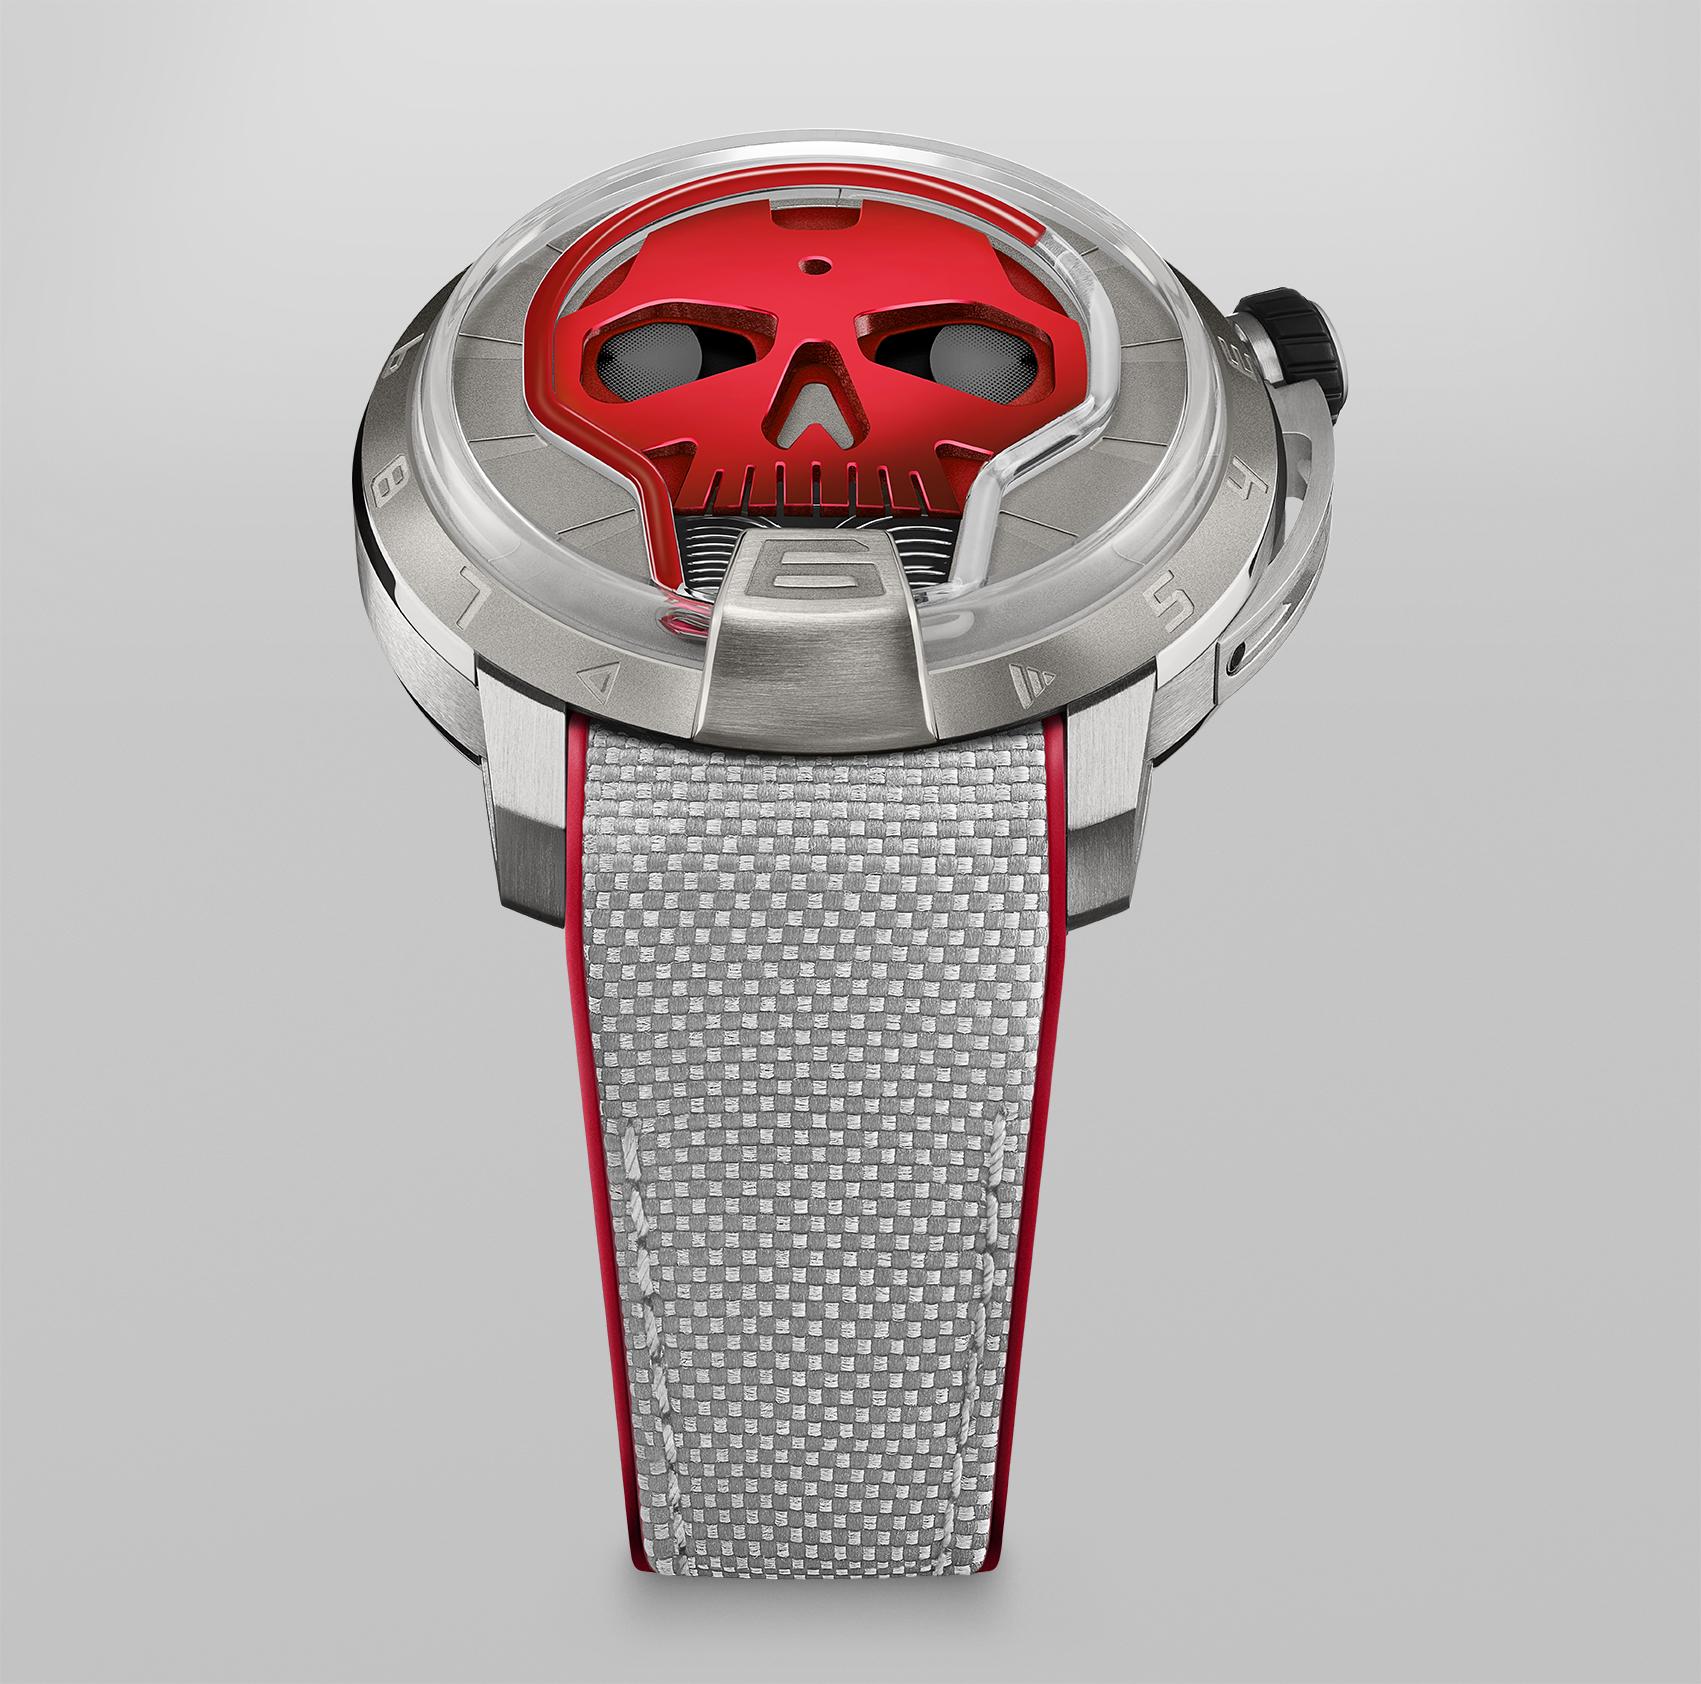 HYT-Skull48.8-Red-FrontView-72dpi-RGB.jpg